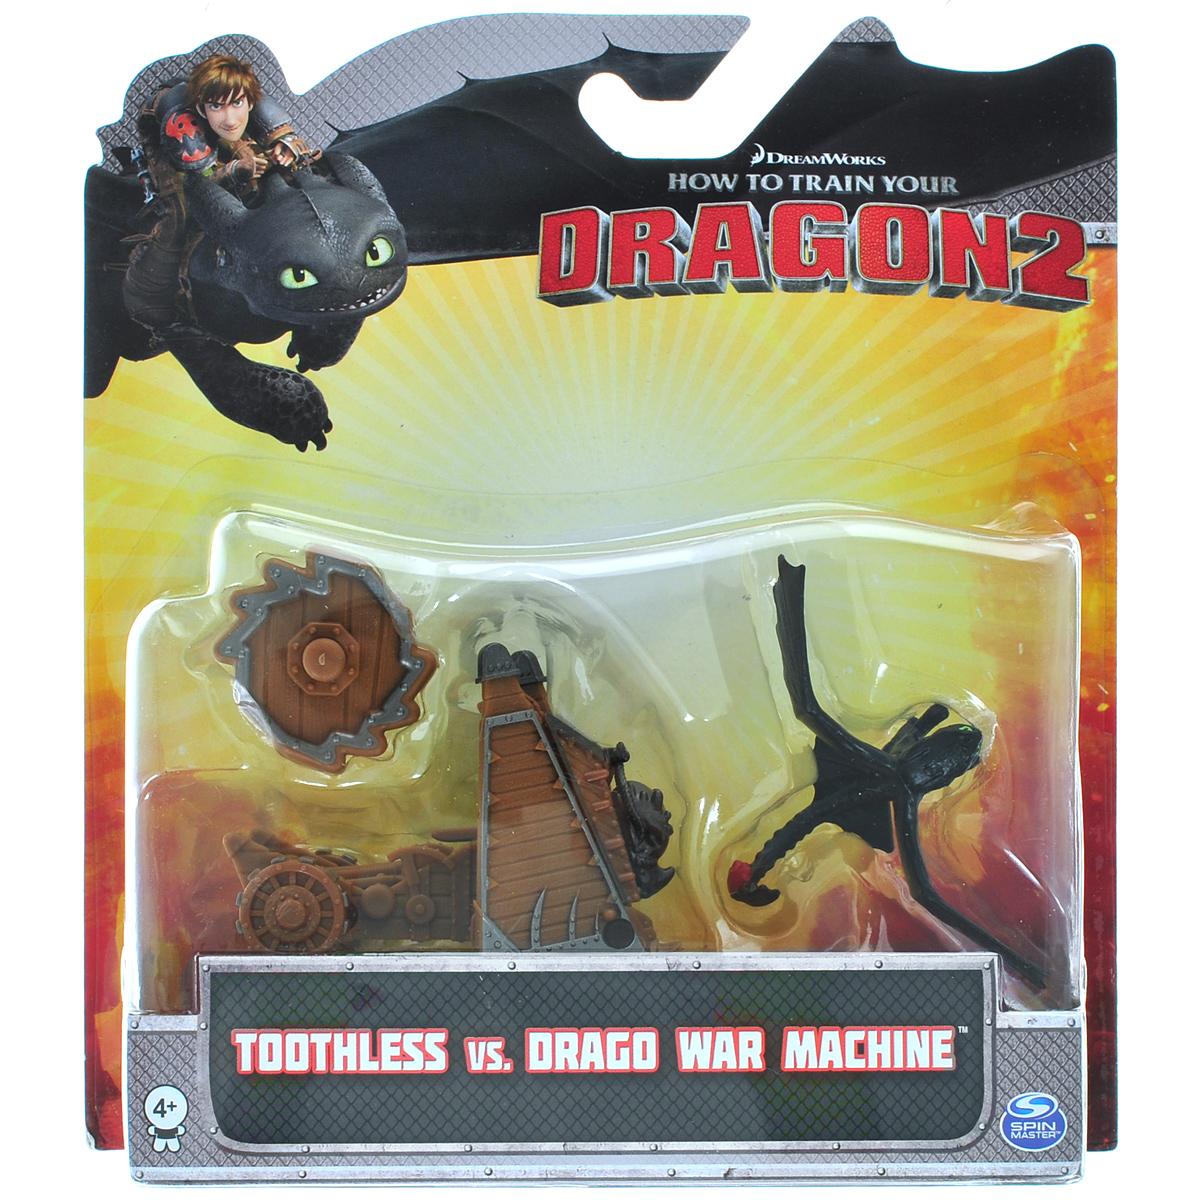 Набор для битв Dragons Toothless vs Drago War Machine66561_20064842Набор для битв Dragons Toothless vs Drago War Machine создан на основе масштабных батальных сцен из мультфильма Как приручить дракона 2. По сюжету драконы сражаются против боевых машин. Набор выполнен из прочного пластика и включает фигурку дракона Беззубика и боевую пушку Драго. С помощью этого набора для битвы ребенок воссоздаст картину сражения прямо в своей комнате и окунется в гущу событий мультфильма, будет проигрывать любимые сцены или придумывать свои истории!